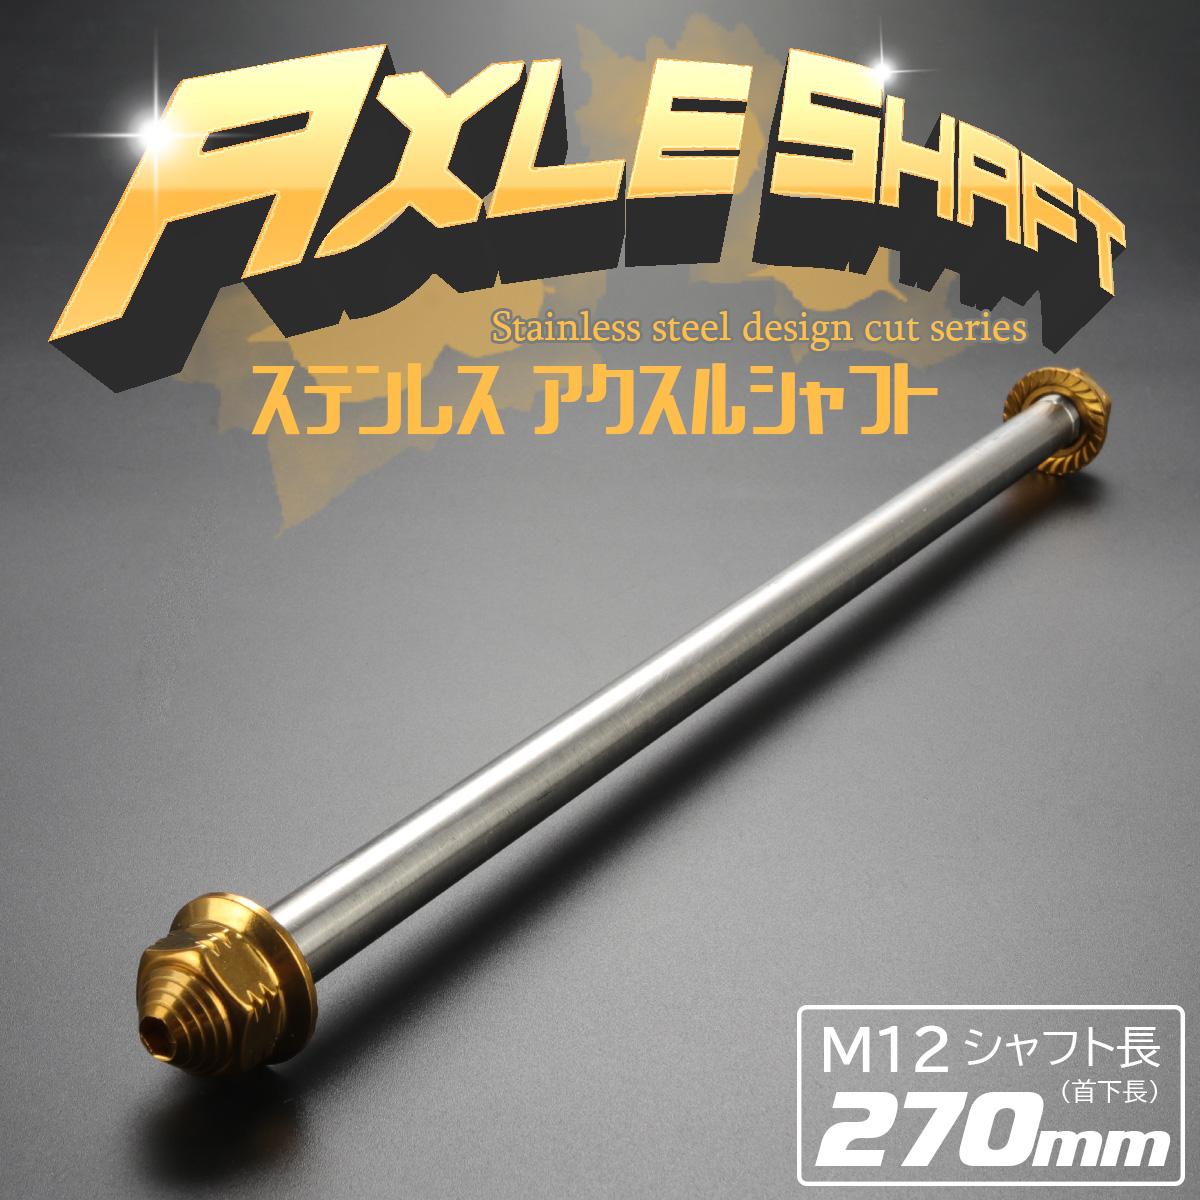 汎用 ステンレス アクスルシャフト M12 270mm ゴールド 4ミニ 原付2種など TH0359